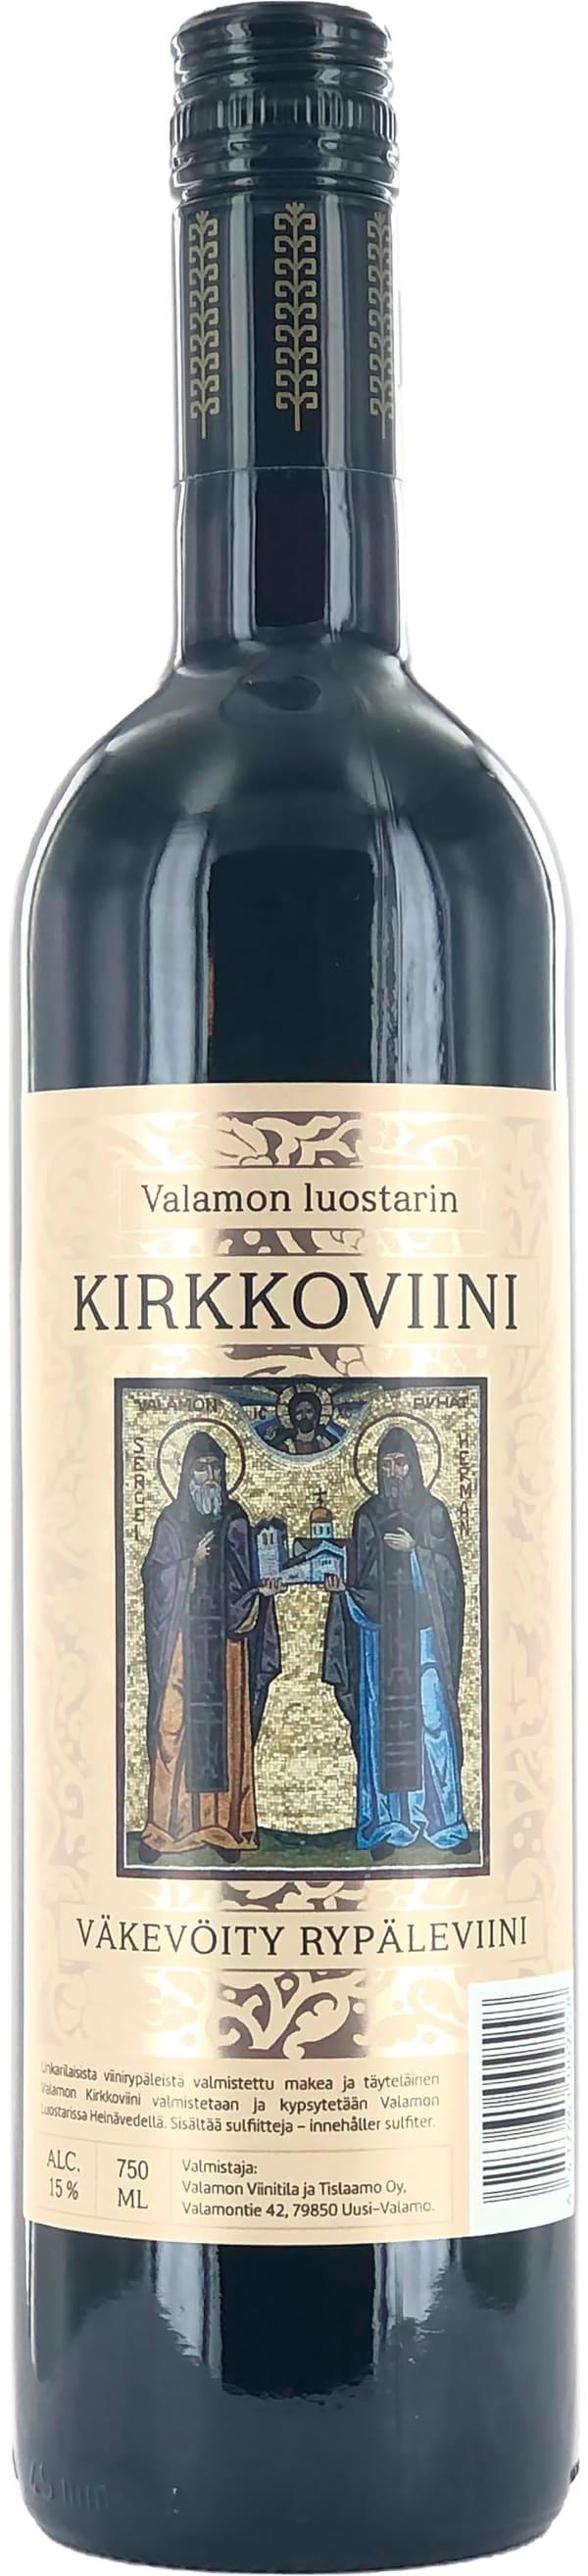 Valamon Kirkkoviini